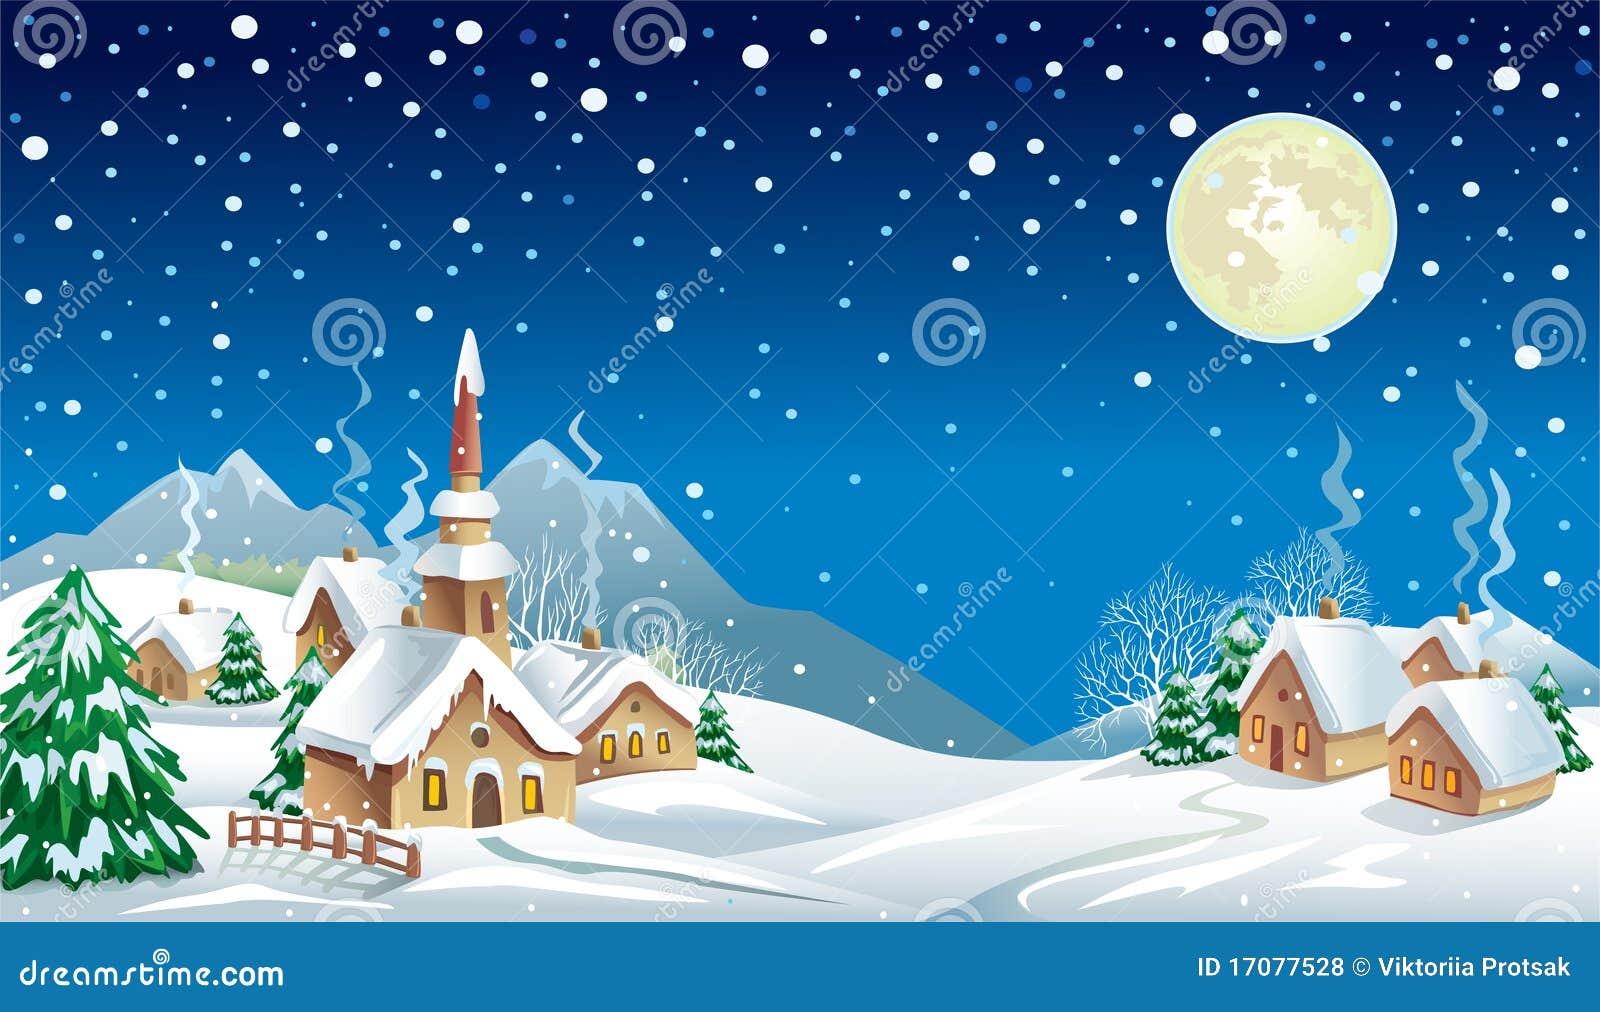 Nuit de no l dans le village illustration de vecteur illustration du chemin e neige 17077528 - Village de noel dessin ...